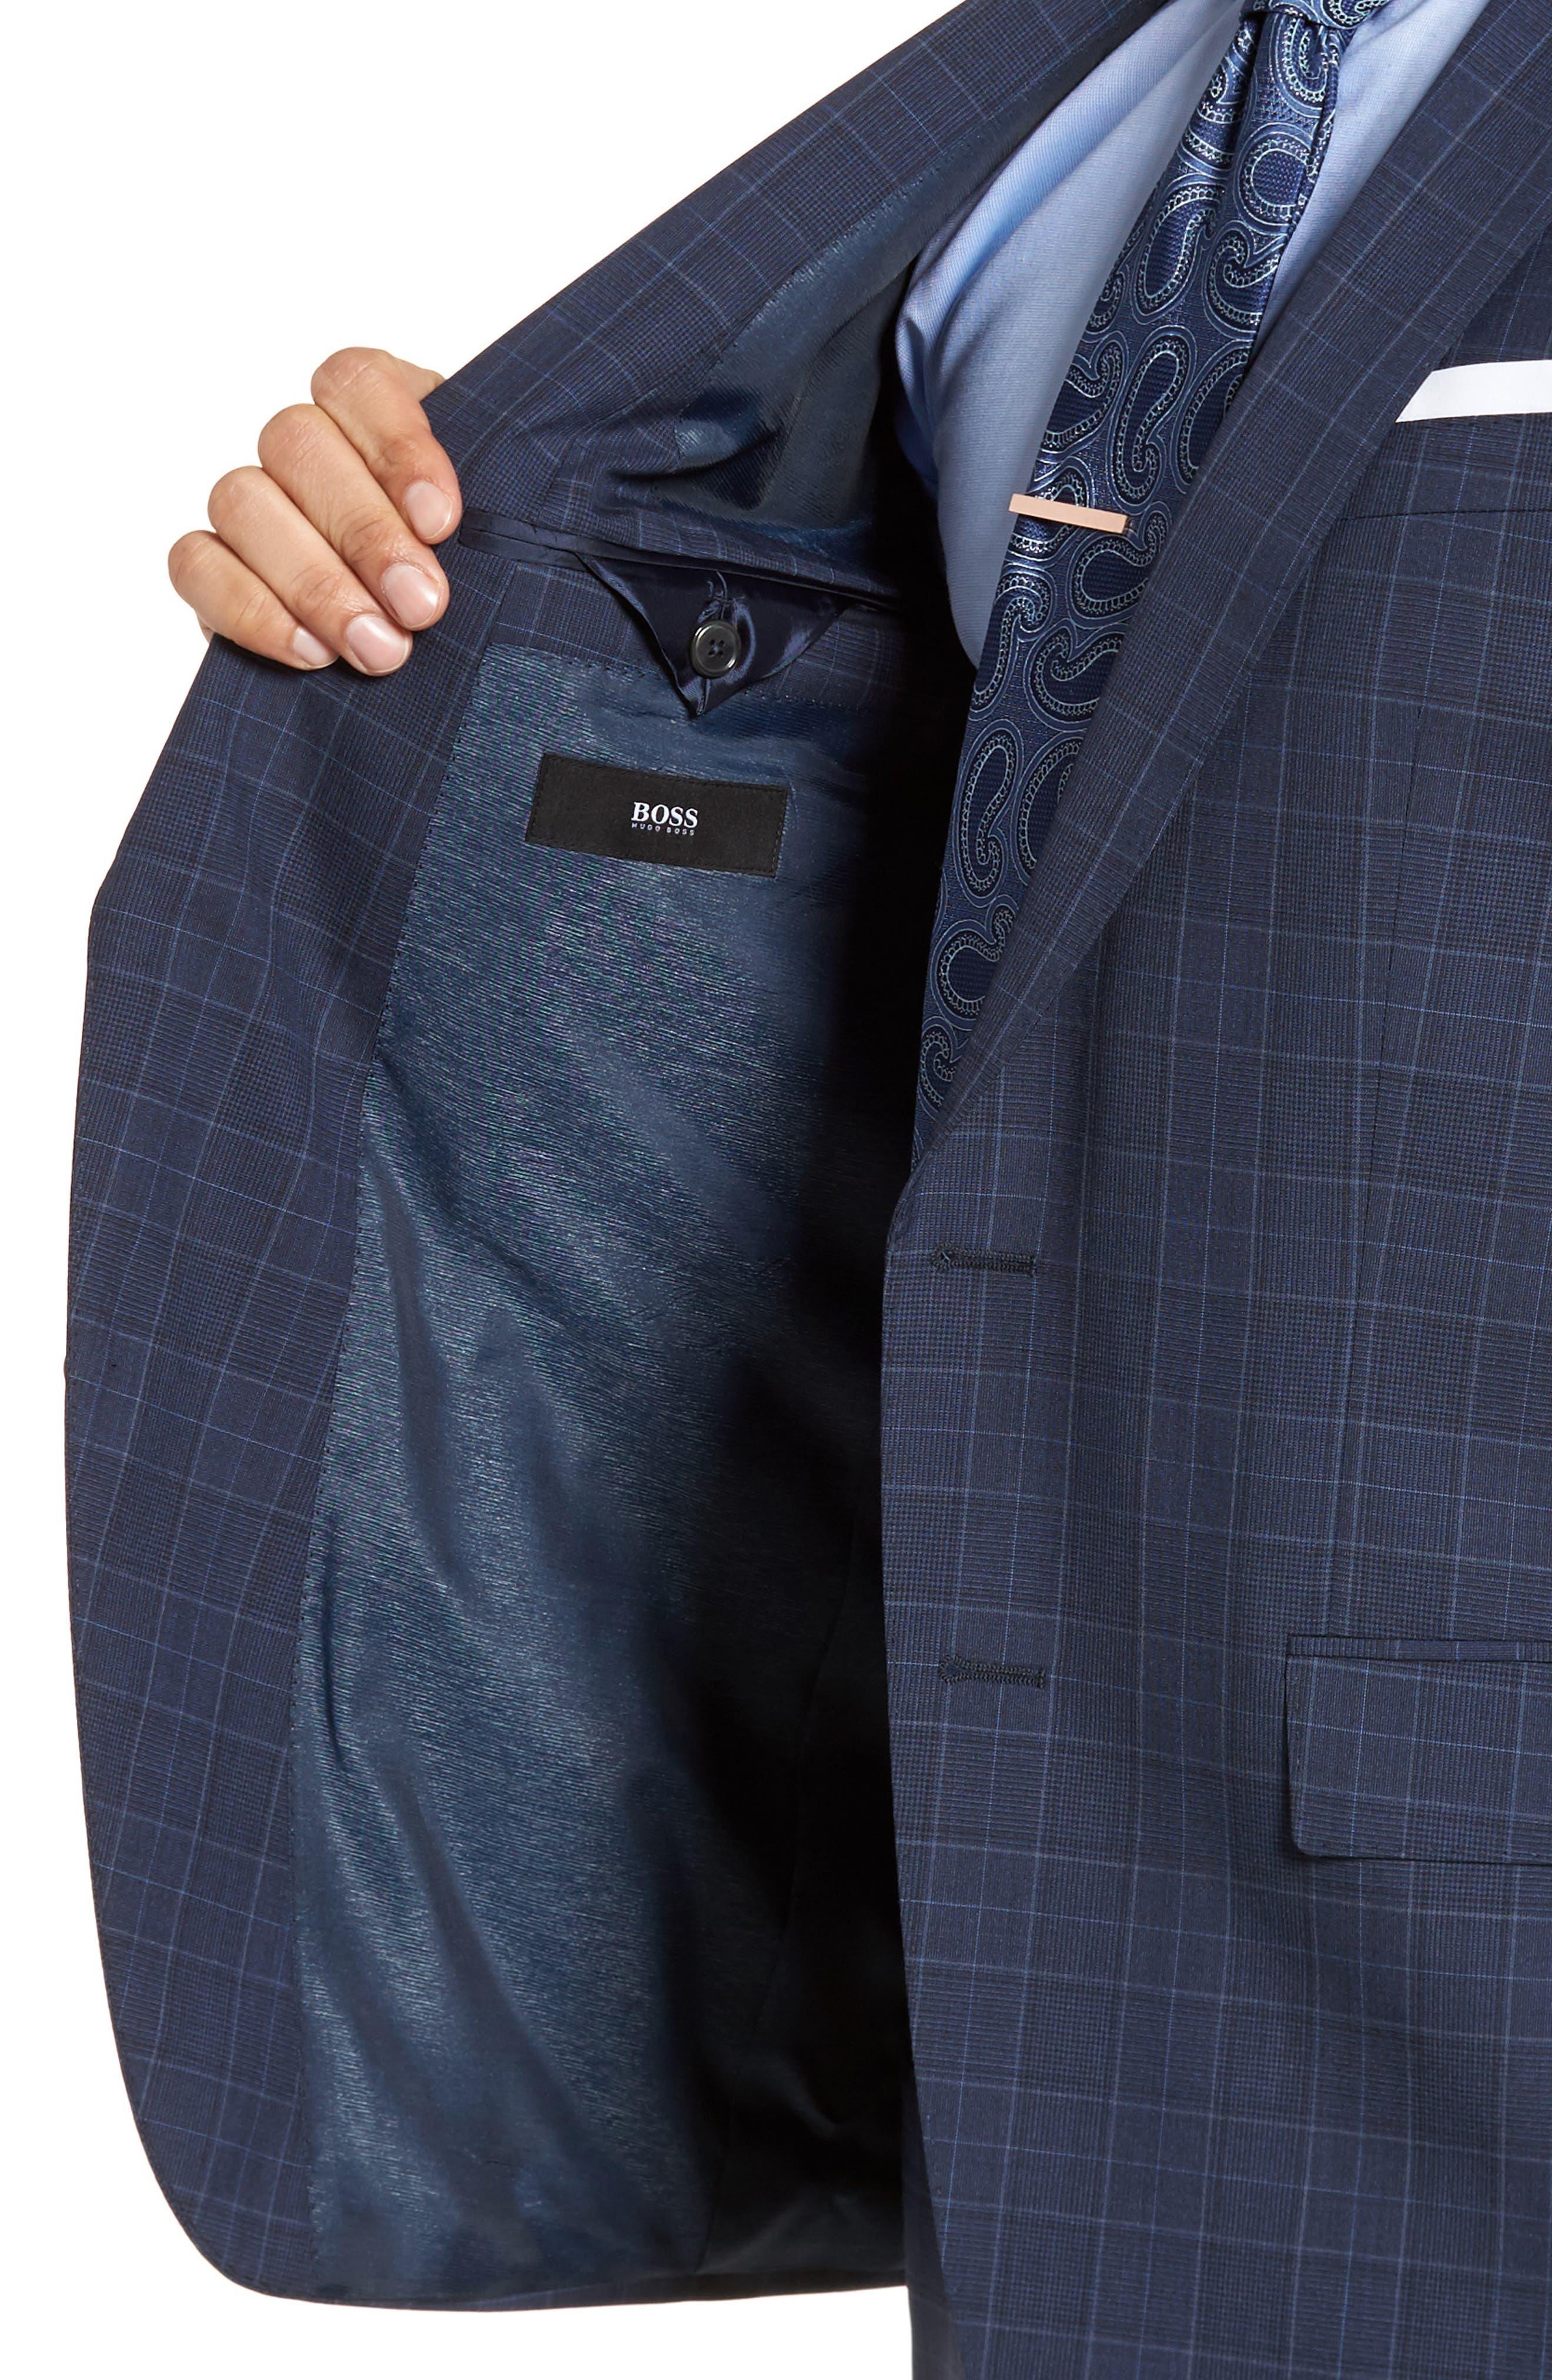 Hutson/Gander Trim Fit Plaid Wool Suit,                             Alternate thumbnail 4, color,                             Navy